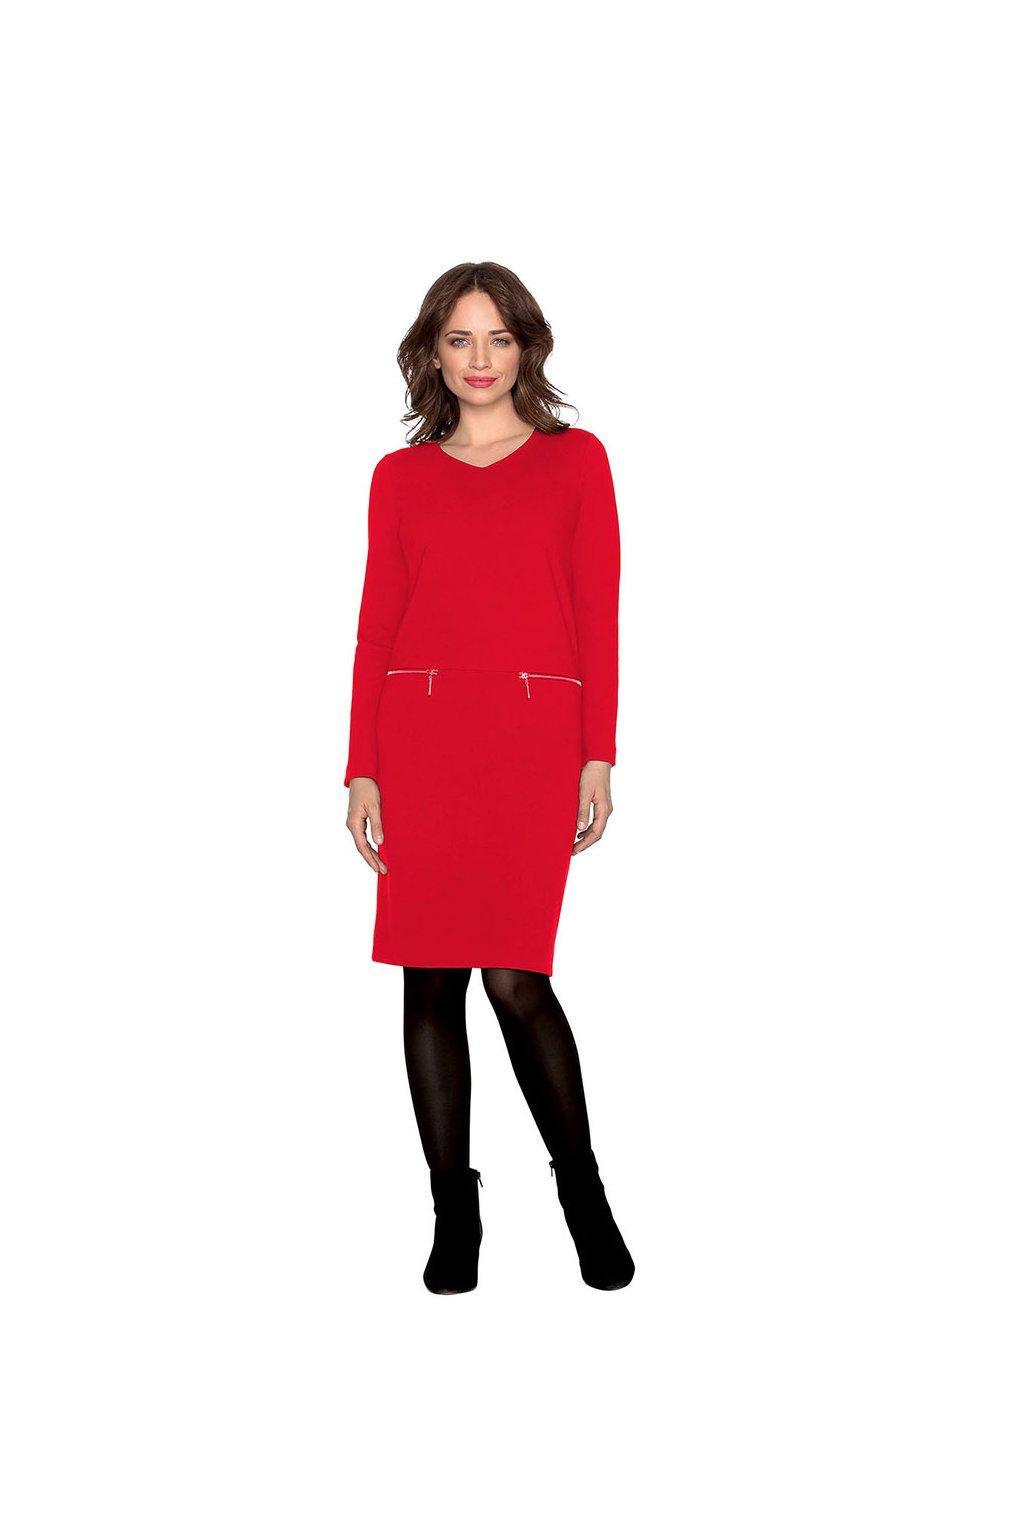 Dámské šaty s dlouhým rukávem, 10591 258, červená